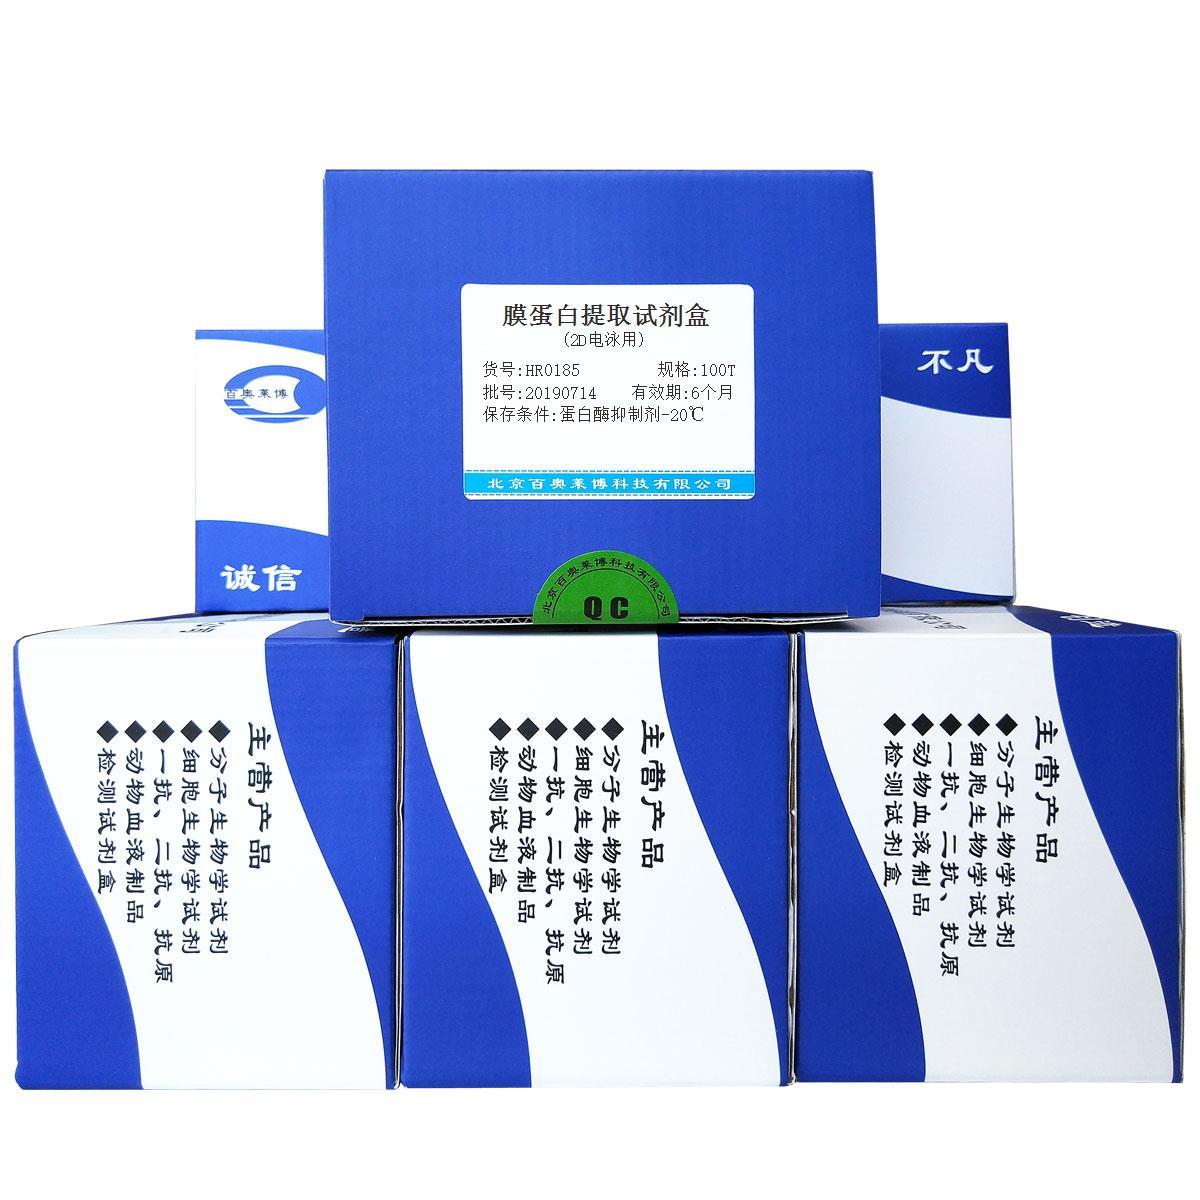 膜蛋白提取试剂盒(2D电泳用)优惠促销